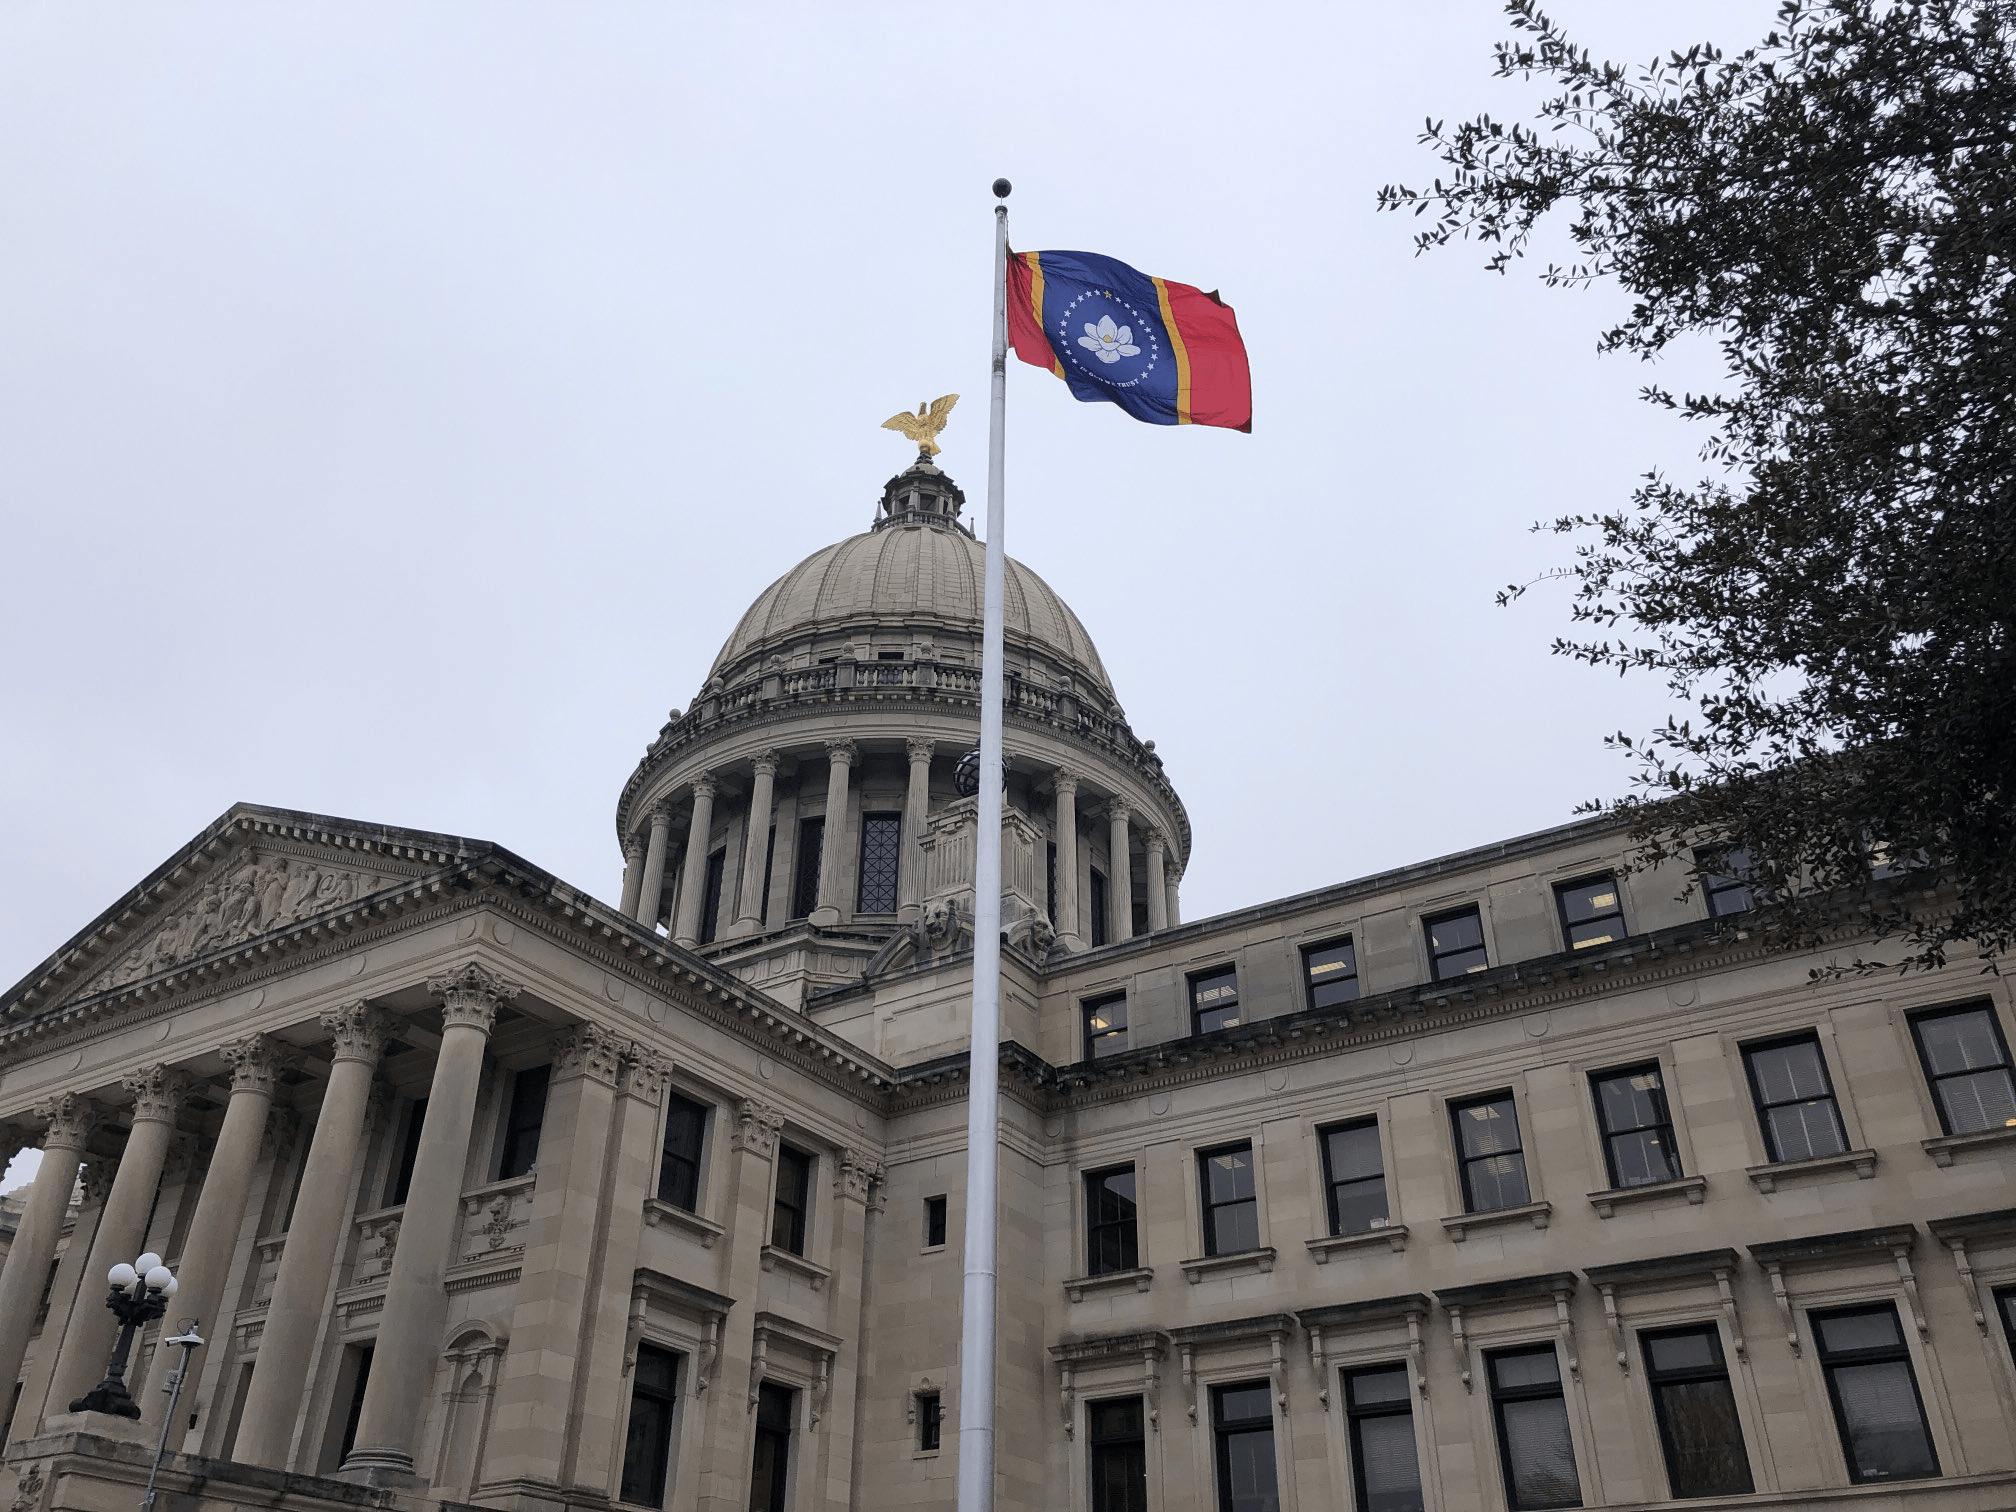 美国密西西比州升起新州旗:红、黄、蓝、白,还有一朵木兰花